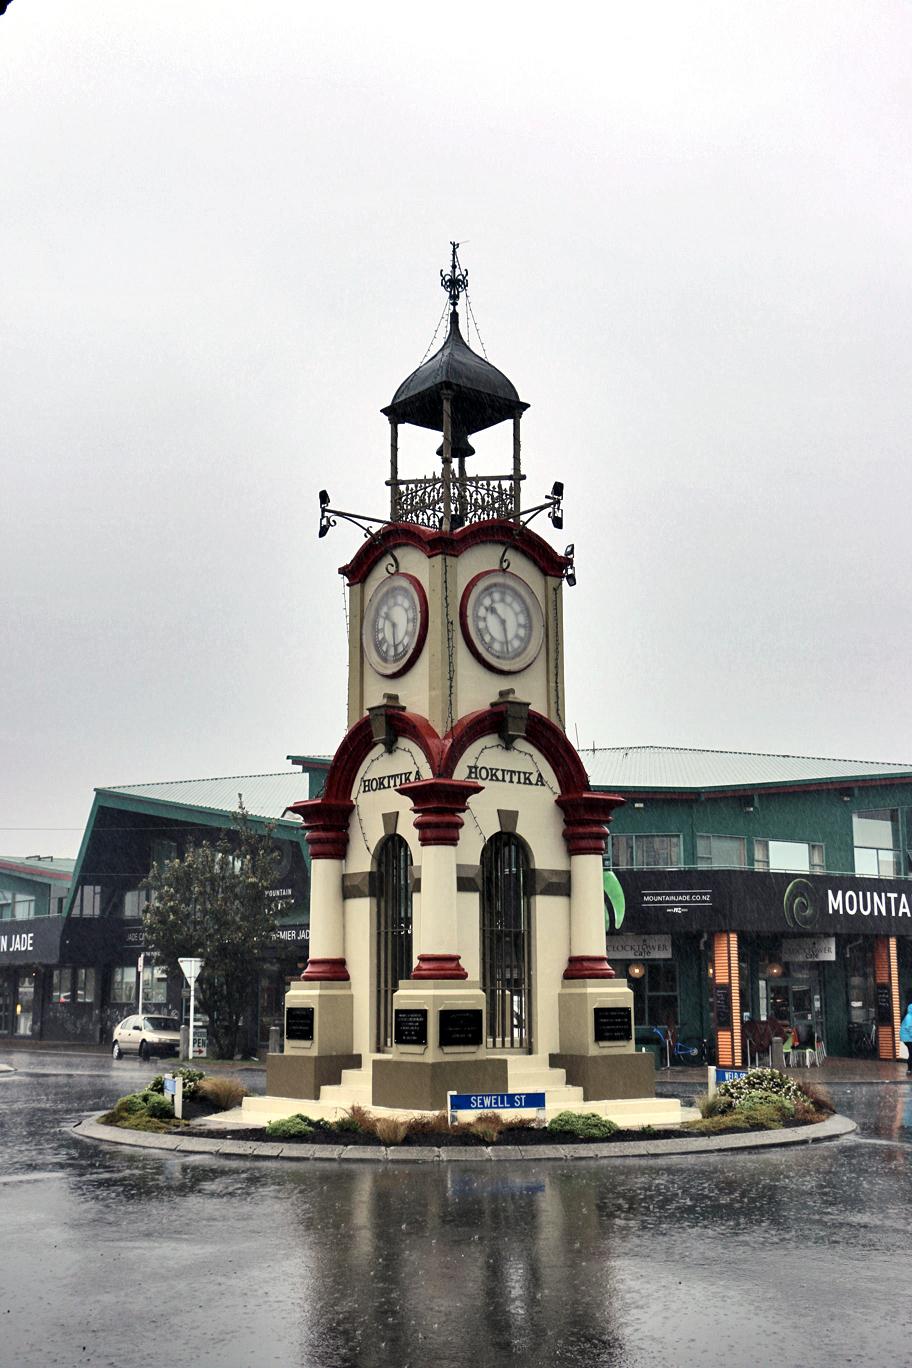 Le centre ville d'Hokitika.